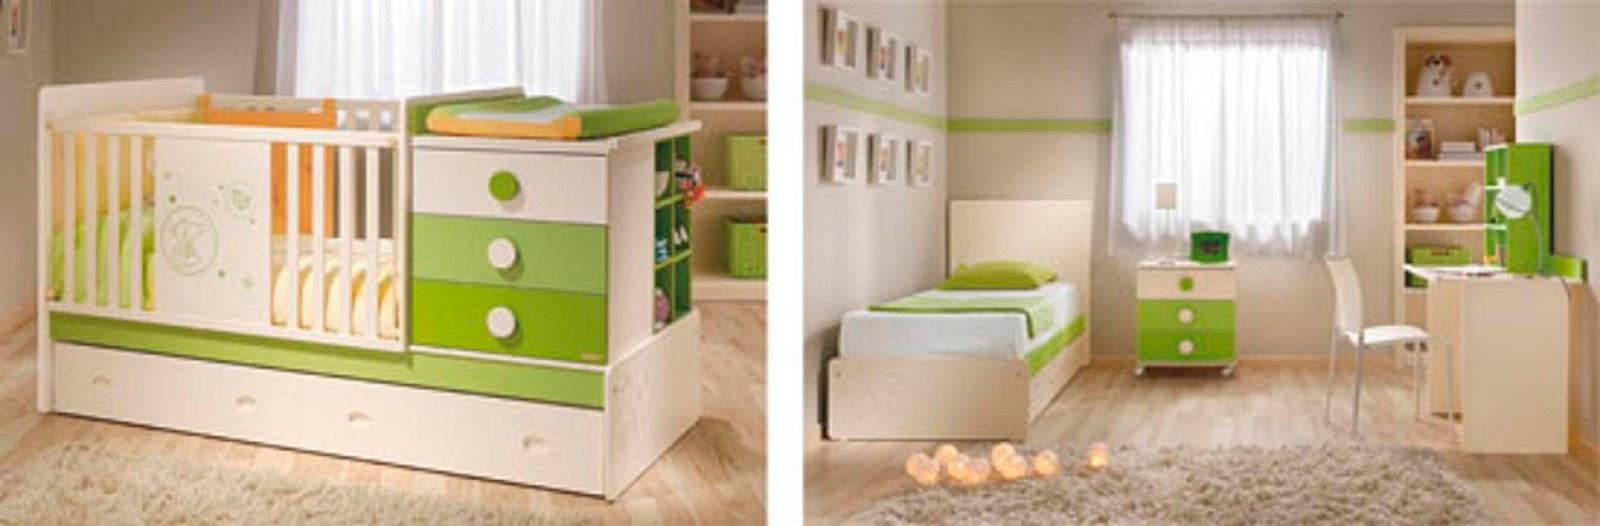 Habitaci n del beb habitacion del bebe con cunas funcionales - Muebles para la habitacion del bebe ...